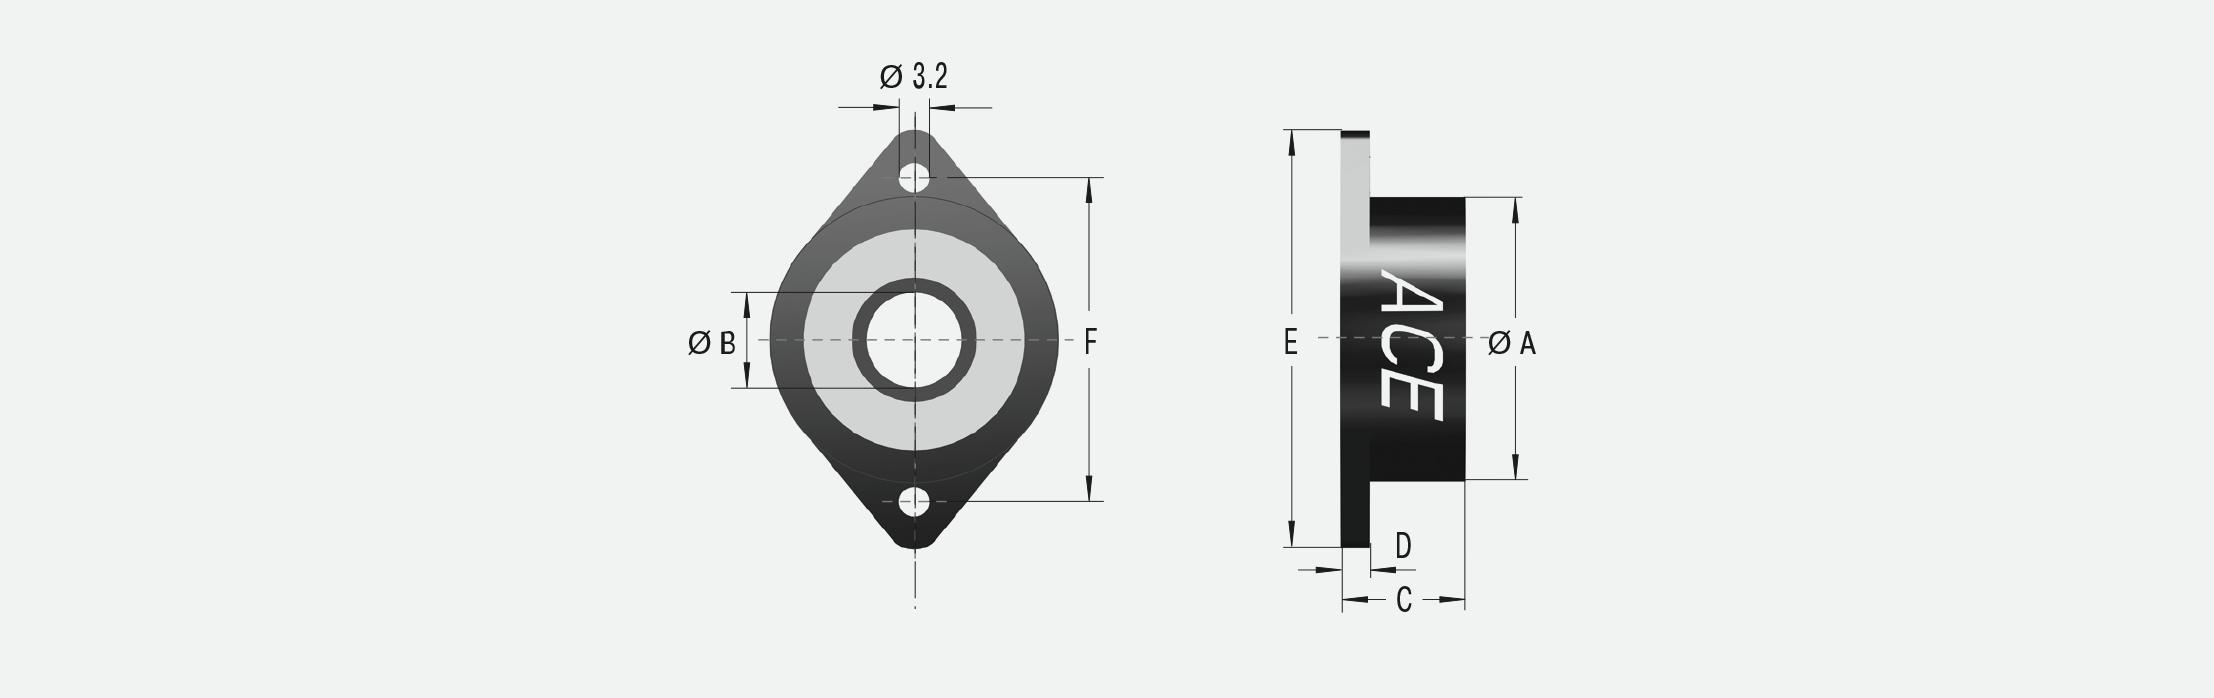 FFD-25FS-R502